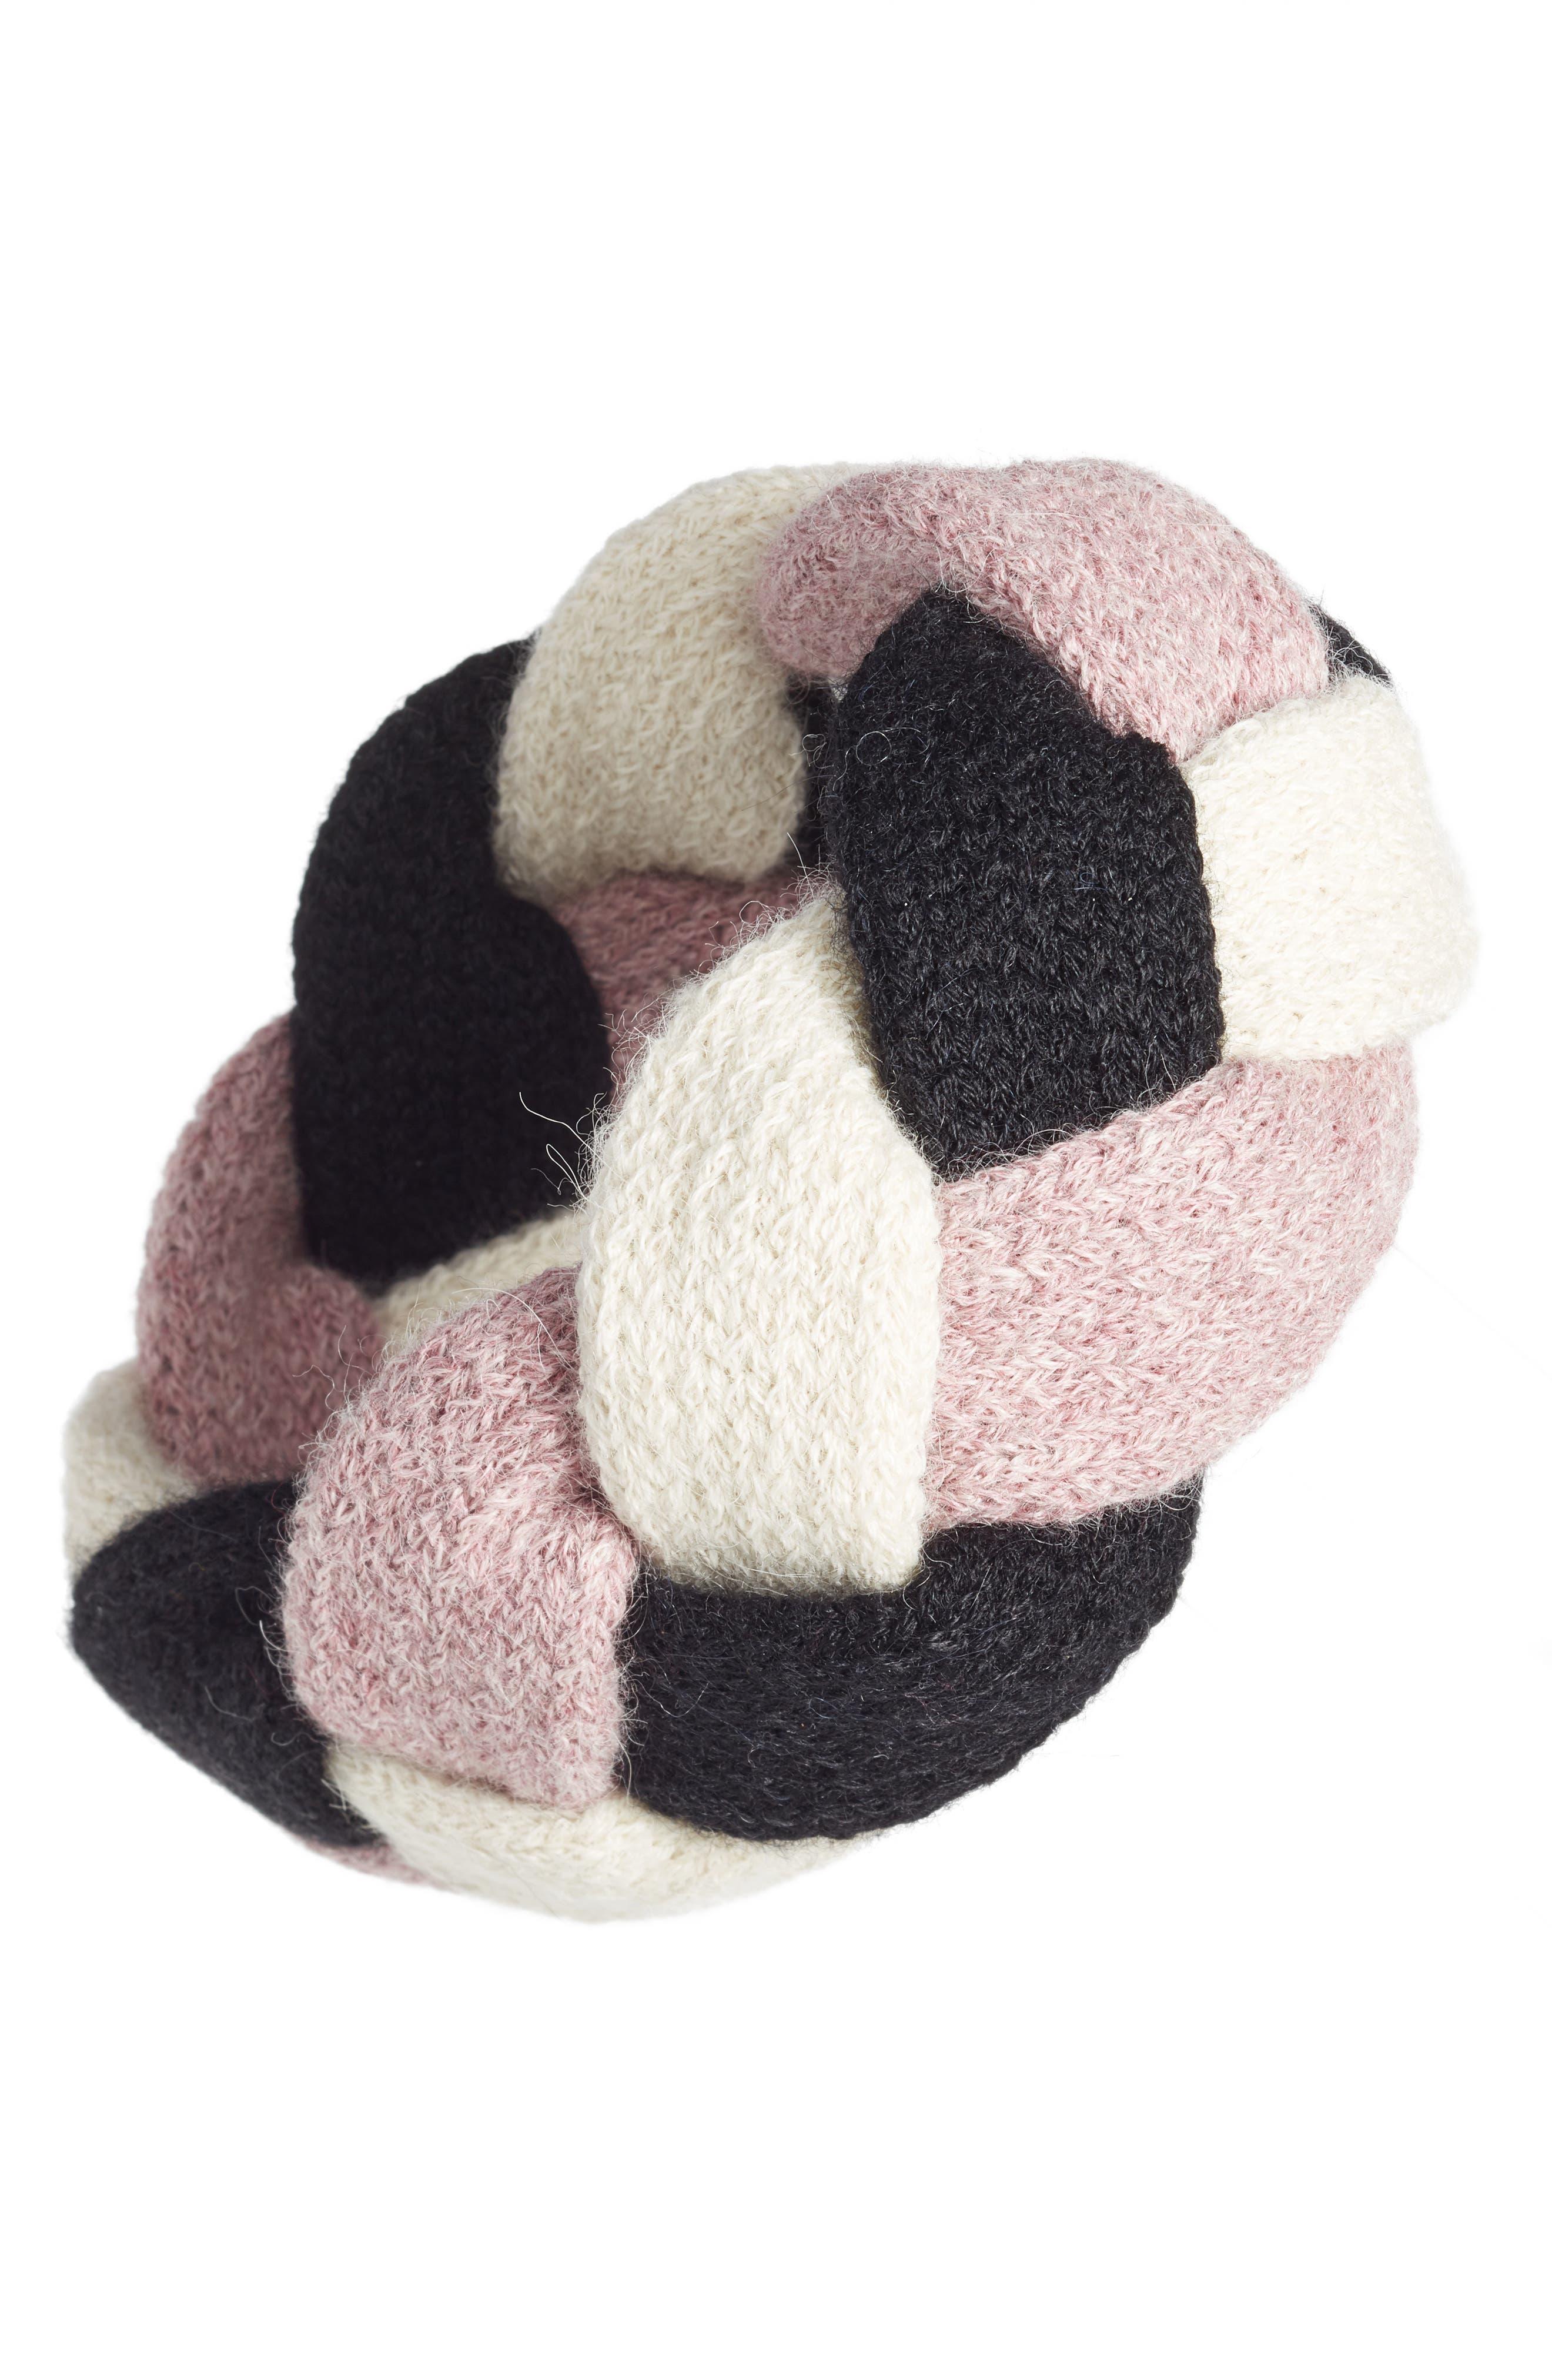 Ann Alpaca Braided Headband,                             Main thumbnail 1, color,                             Black/ White/ Rose